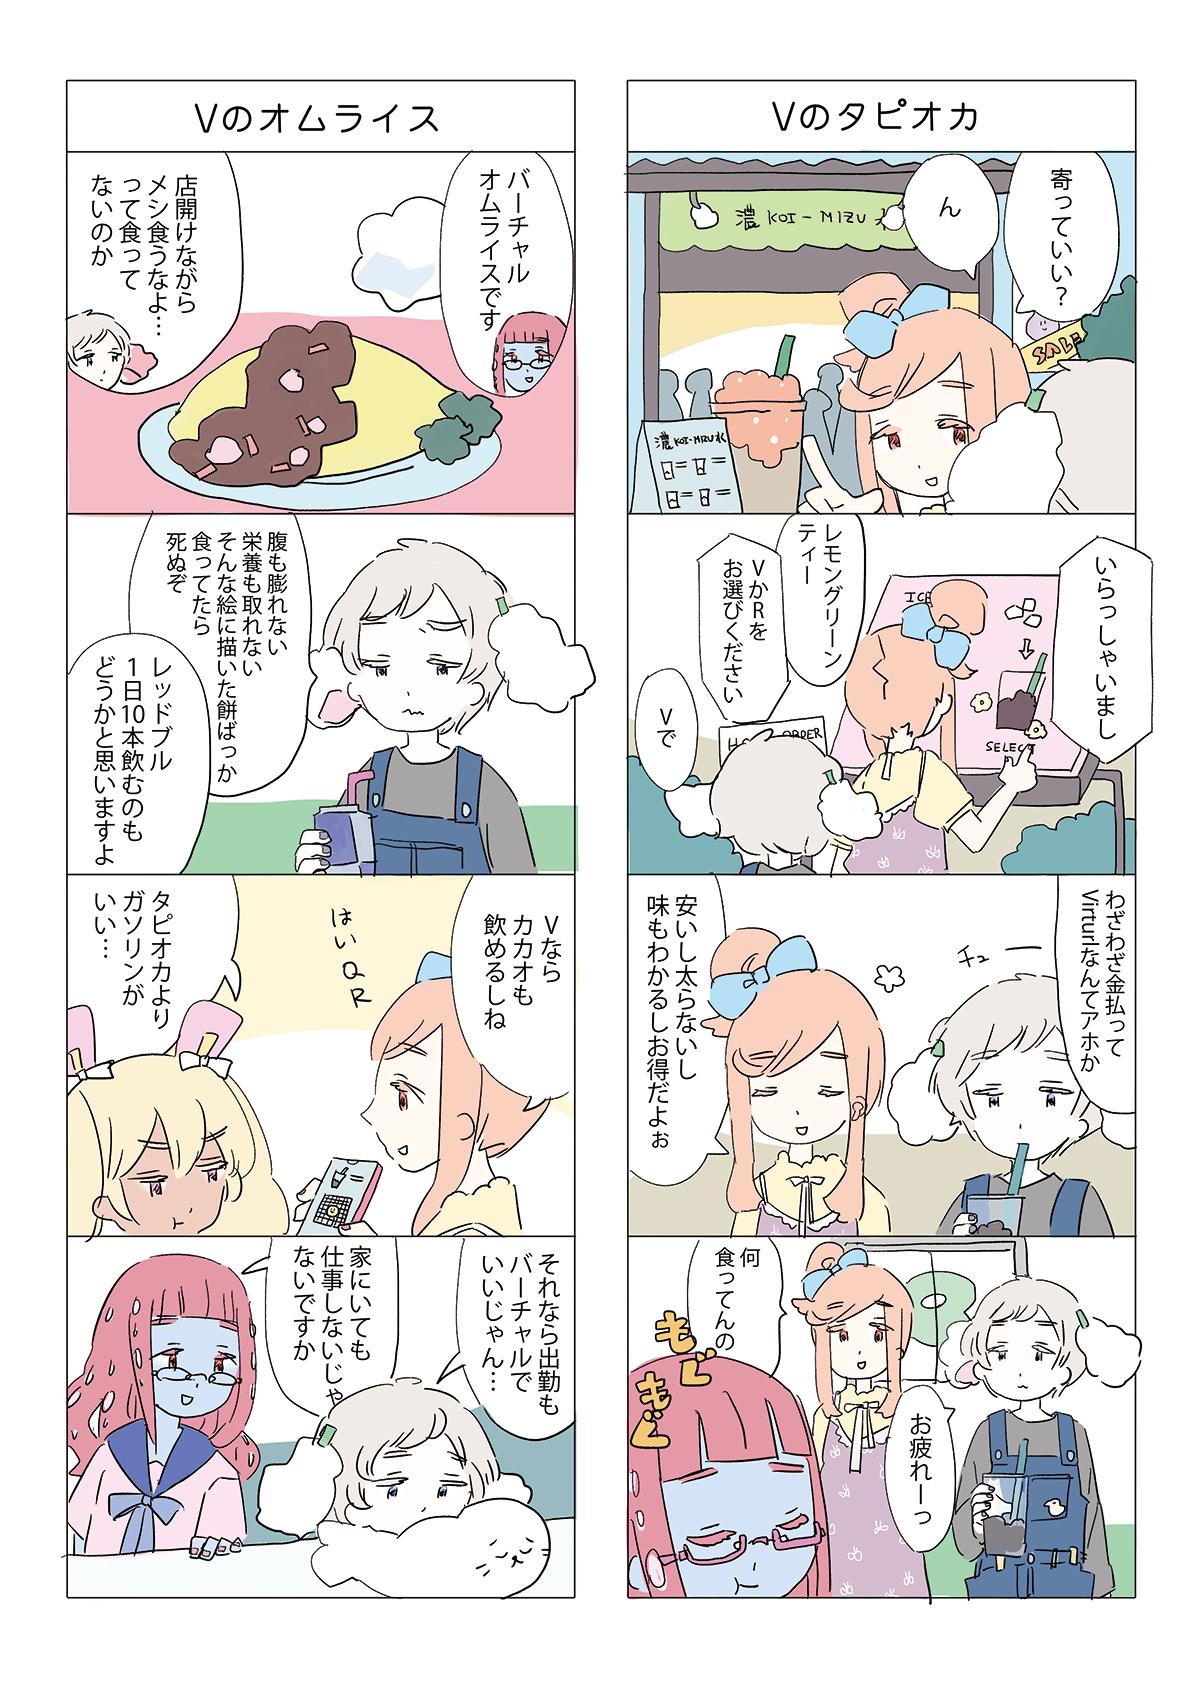 東京ガンボ 第2話